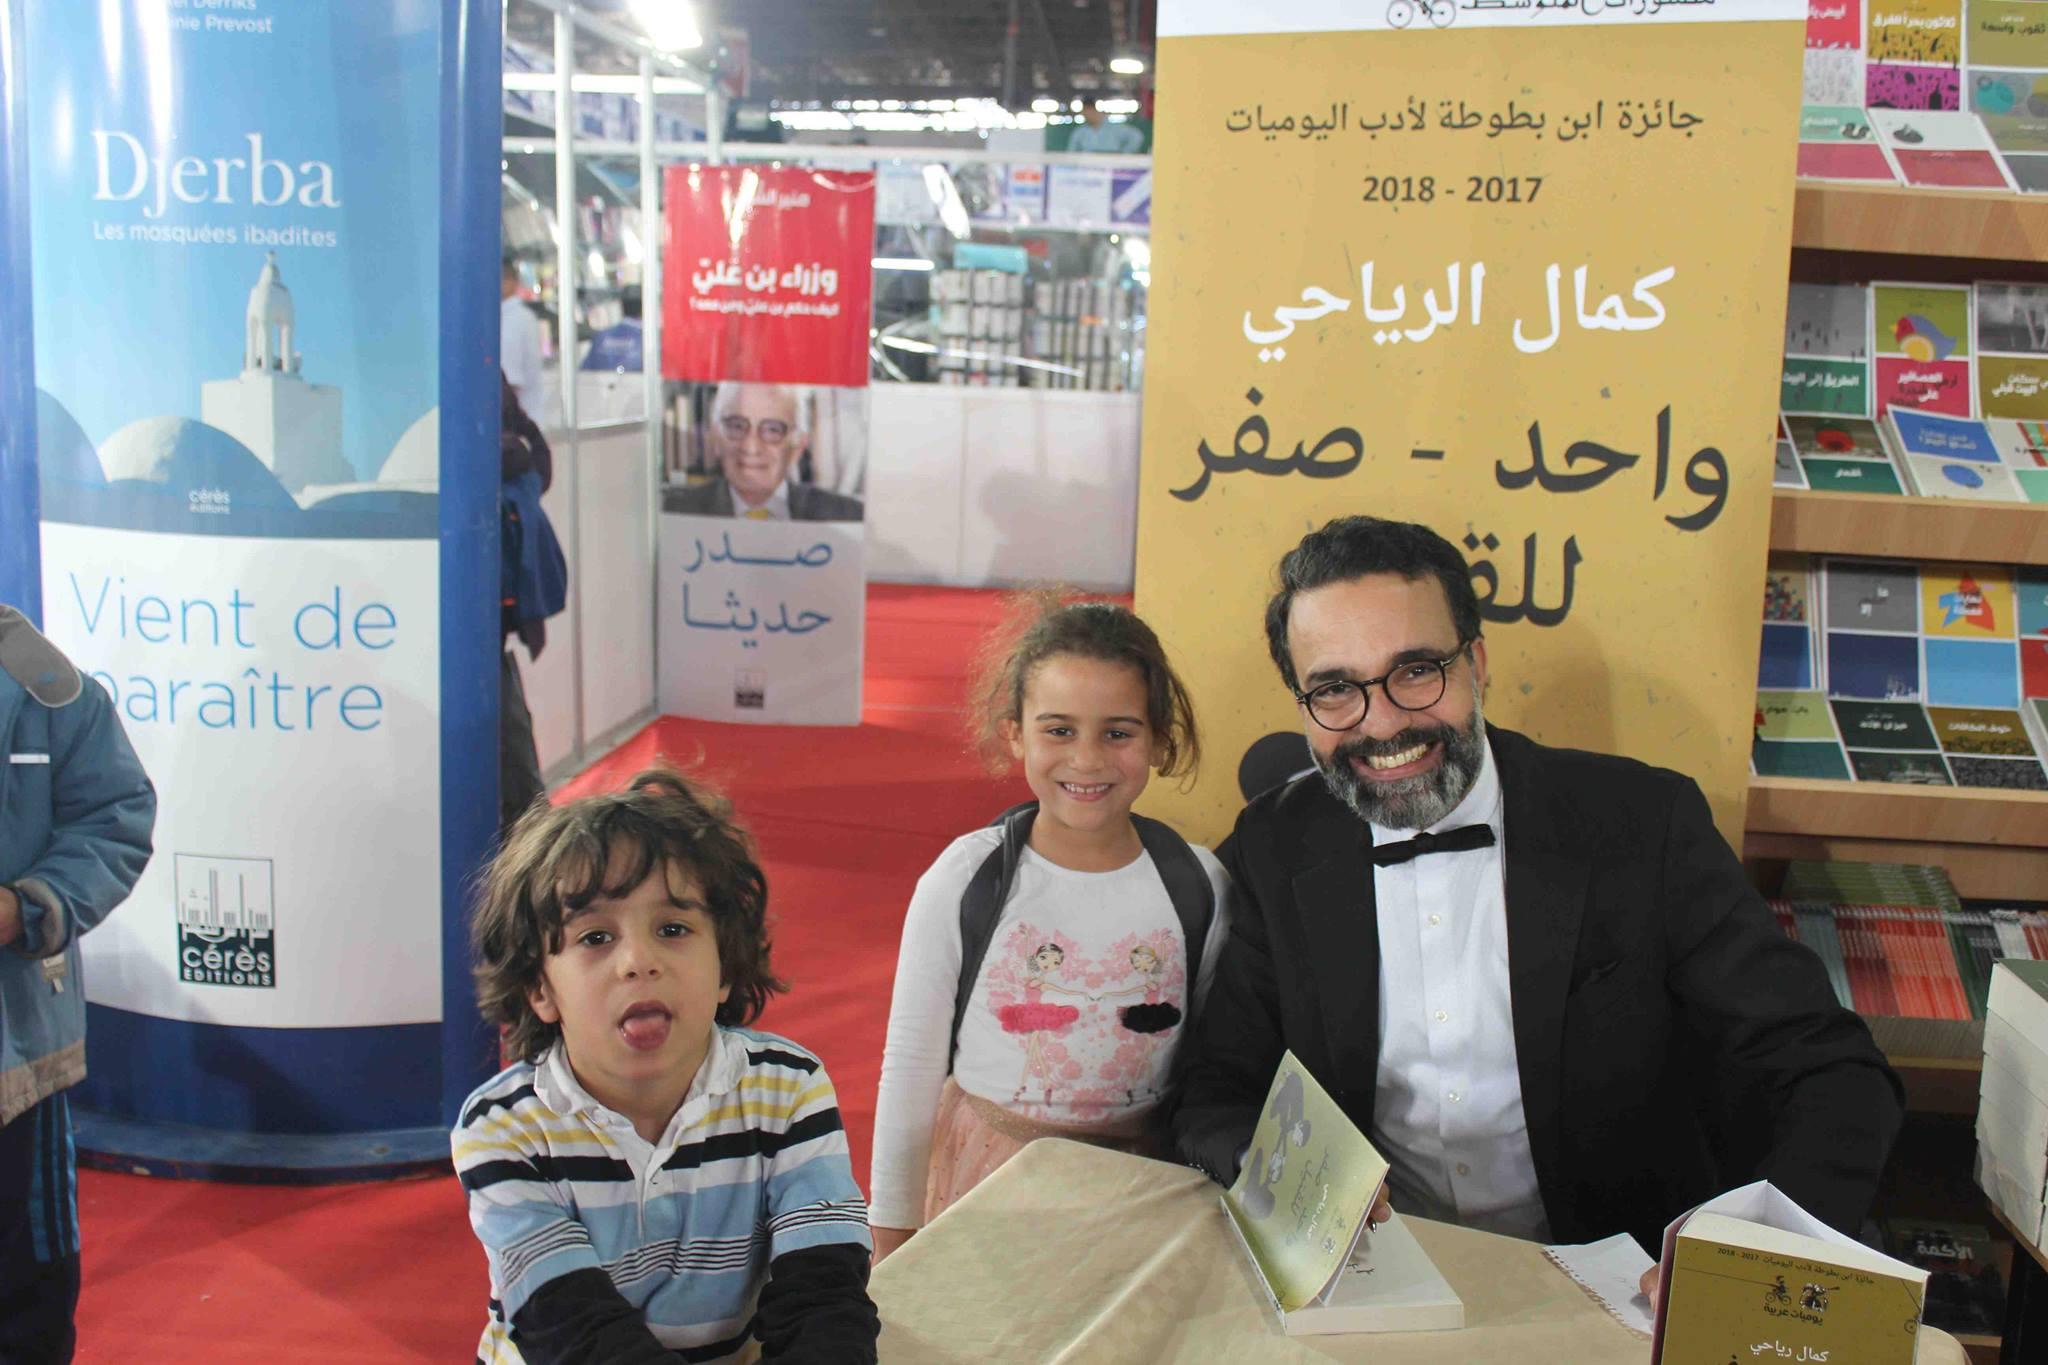 كمال الرياحى يوقع كتابه واحد صفر للقتيل الفائز بجائزة ابن بطوطة فى معرض تونس (35)